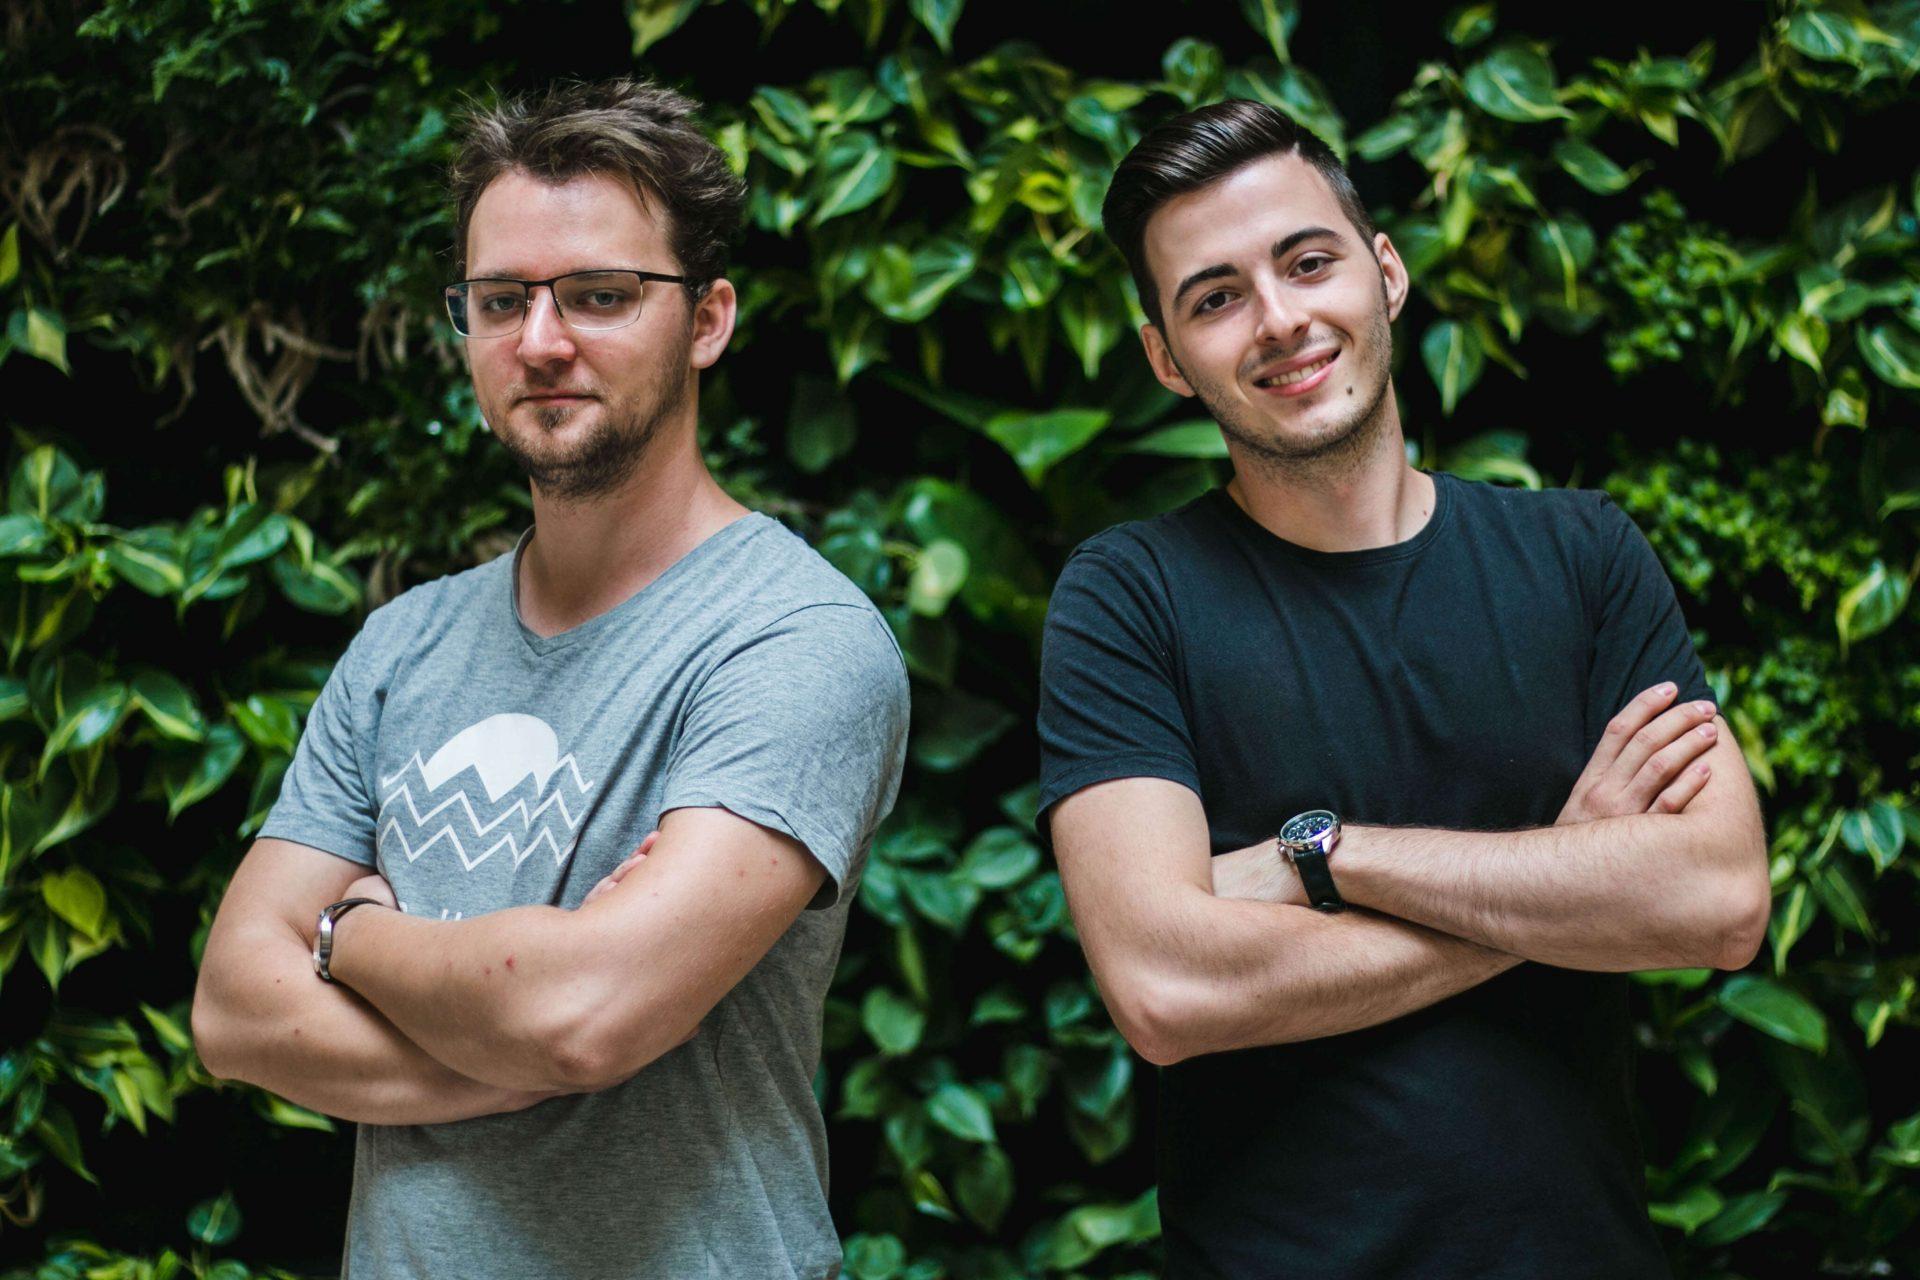 István és Áron a Corvinus Egyetemen